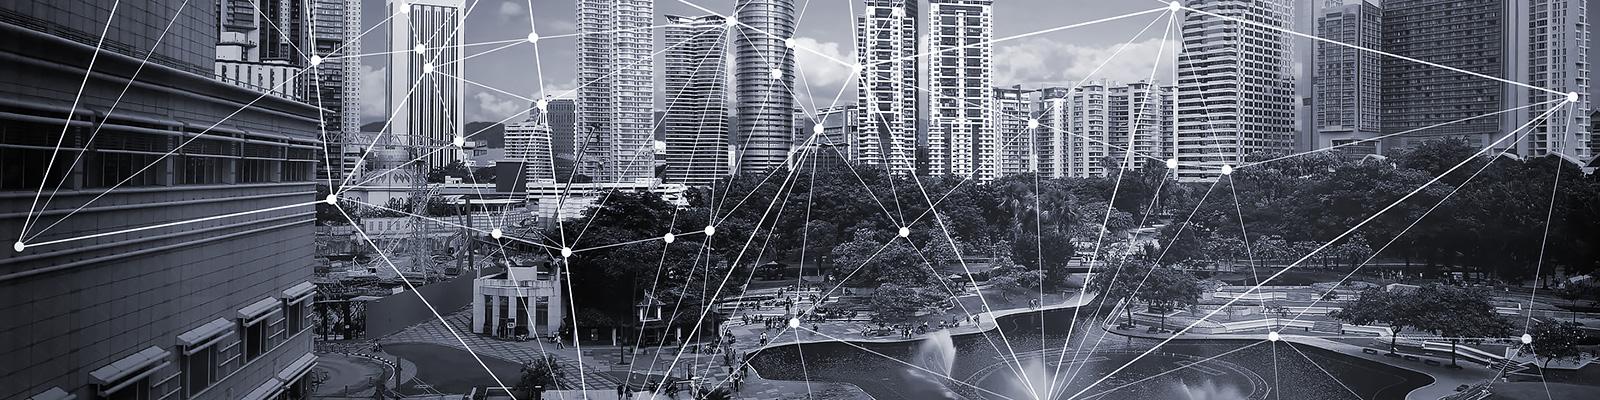 都会 通信 ネットワーク イメージ